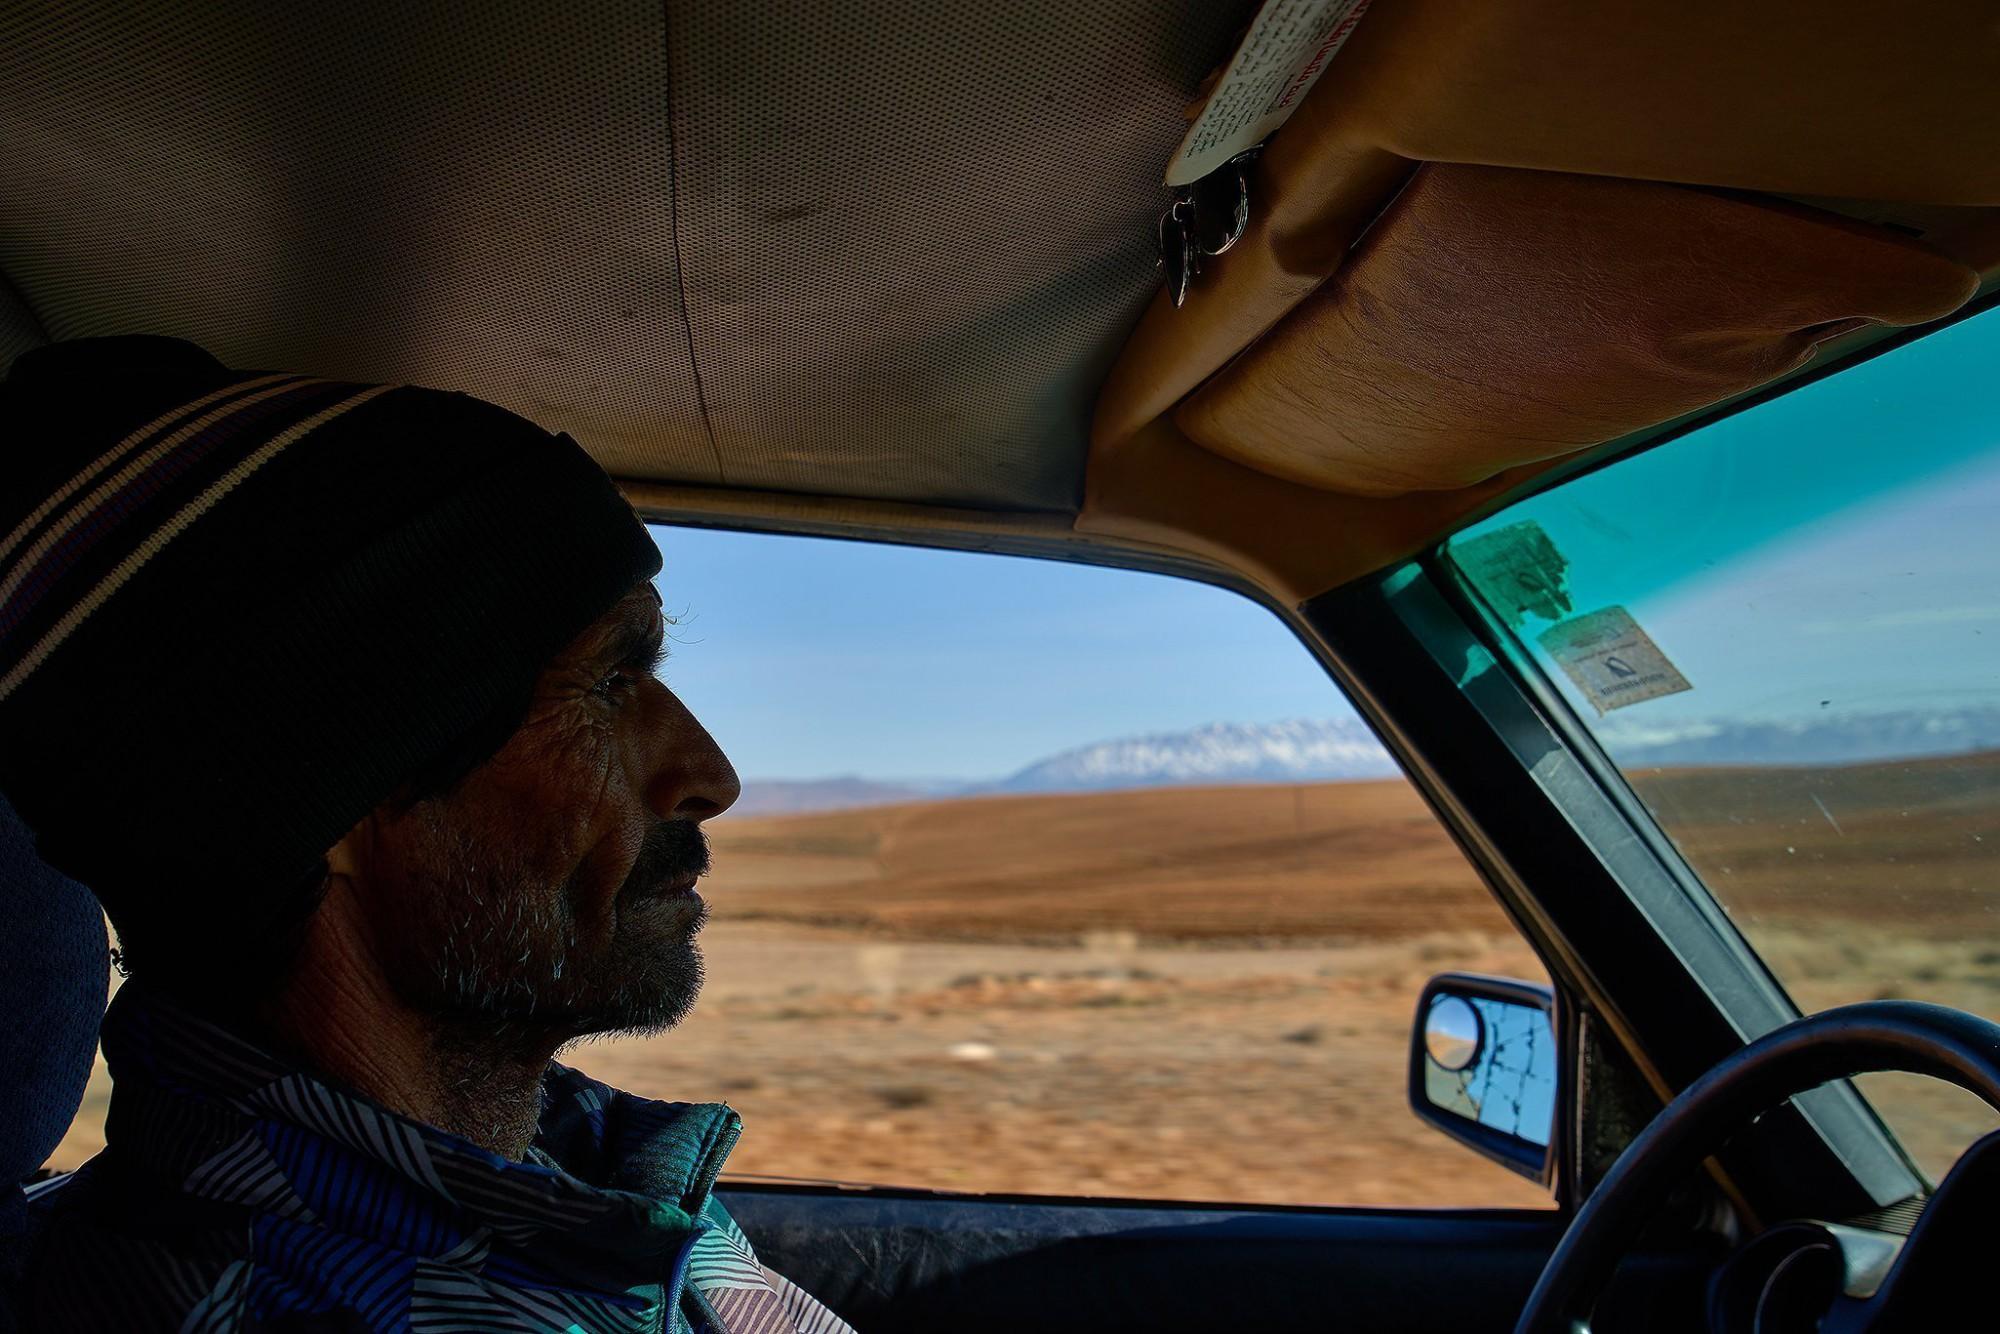 Afbeelding: Dominique Van Huffel, reisreportage, Marokko, Middel Atlas.